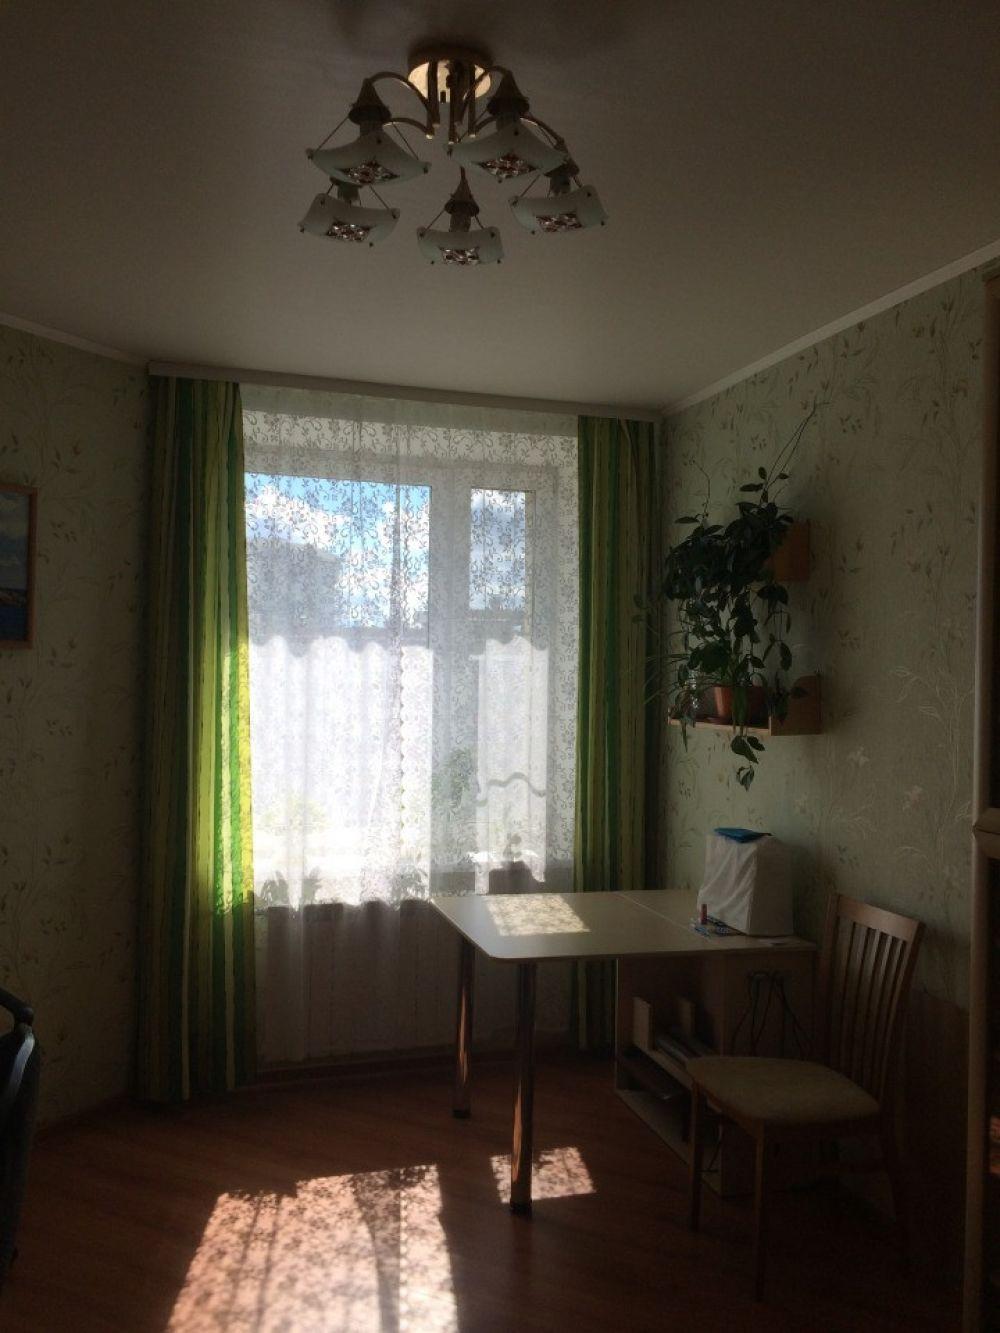 3-к квартира, Щелково, улица Шмидта, 6, фото 11